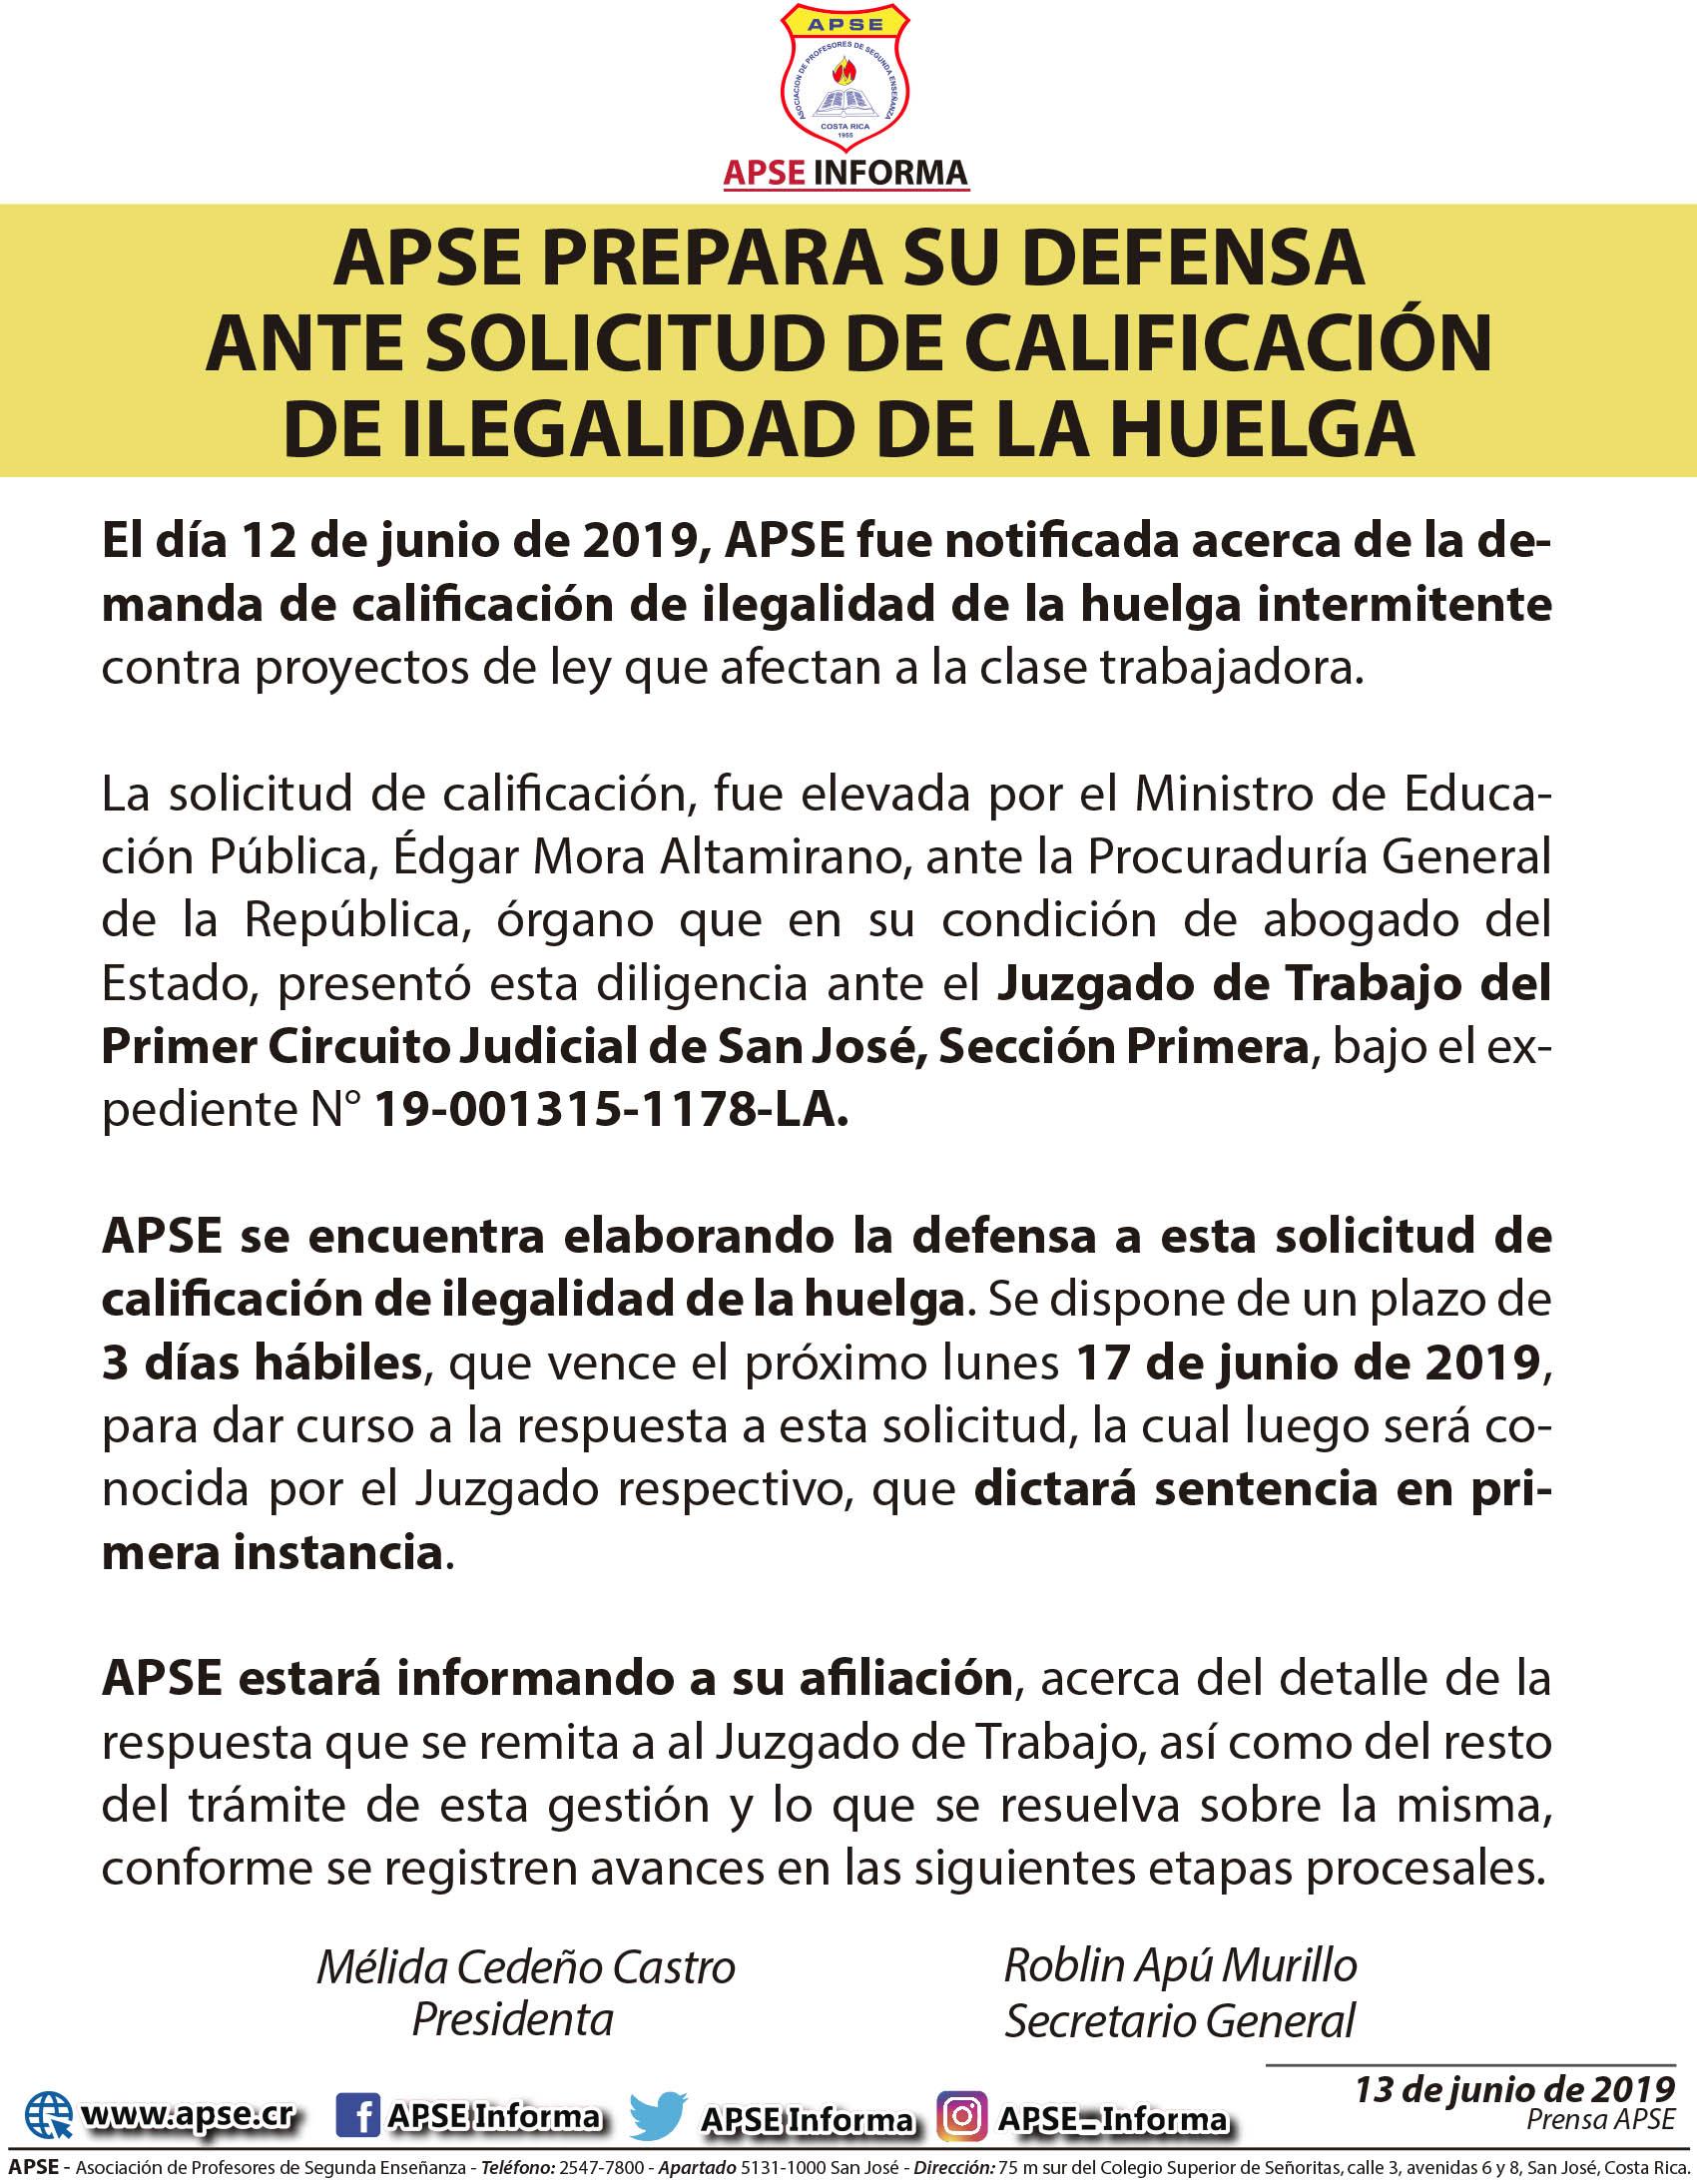 APSE PREPARA SU DEFENSA ANTE SOLICITUD DE CALIFICACIÓN DE ILEGALIDAD DE LA HUELGA